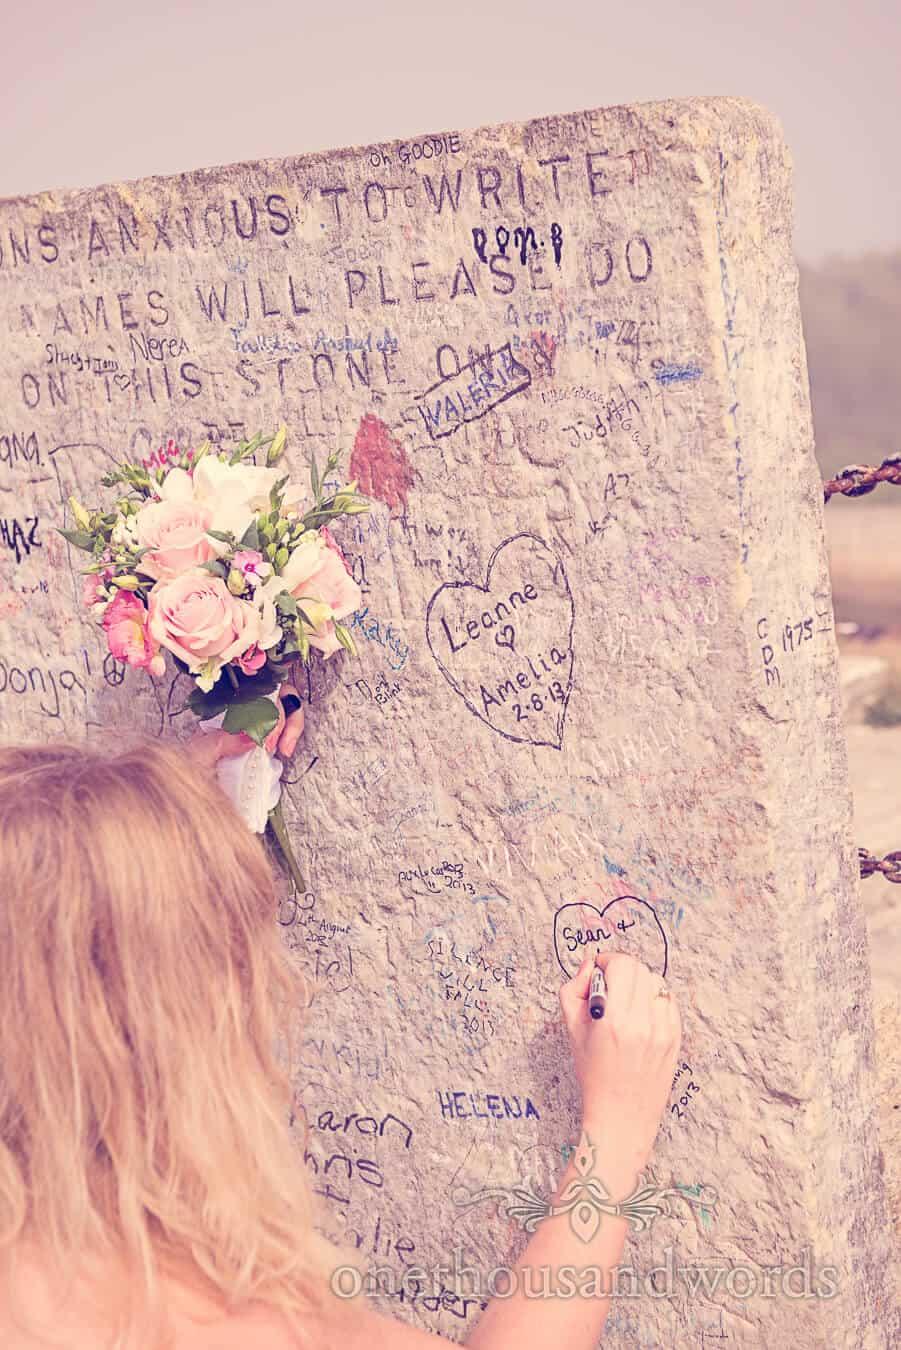 Bride signs graffiti stone at Durlston Castle Wedding venue